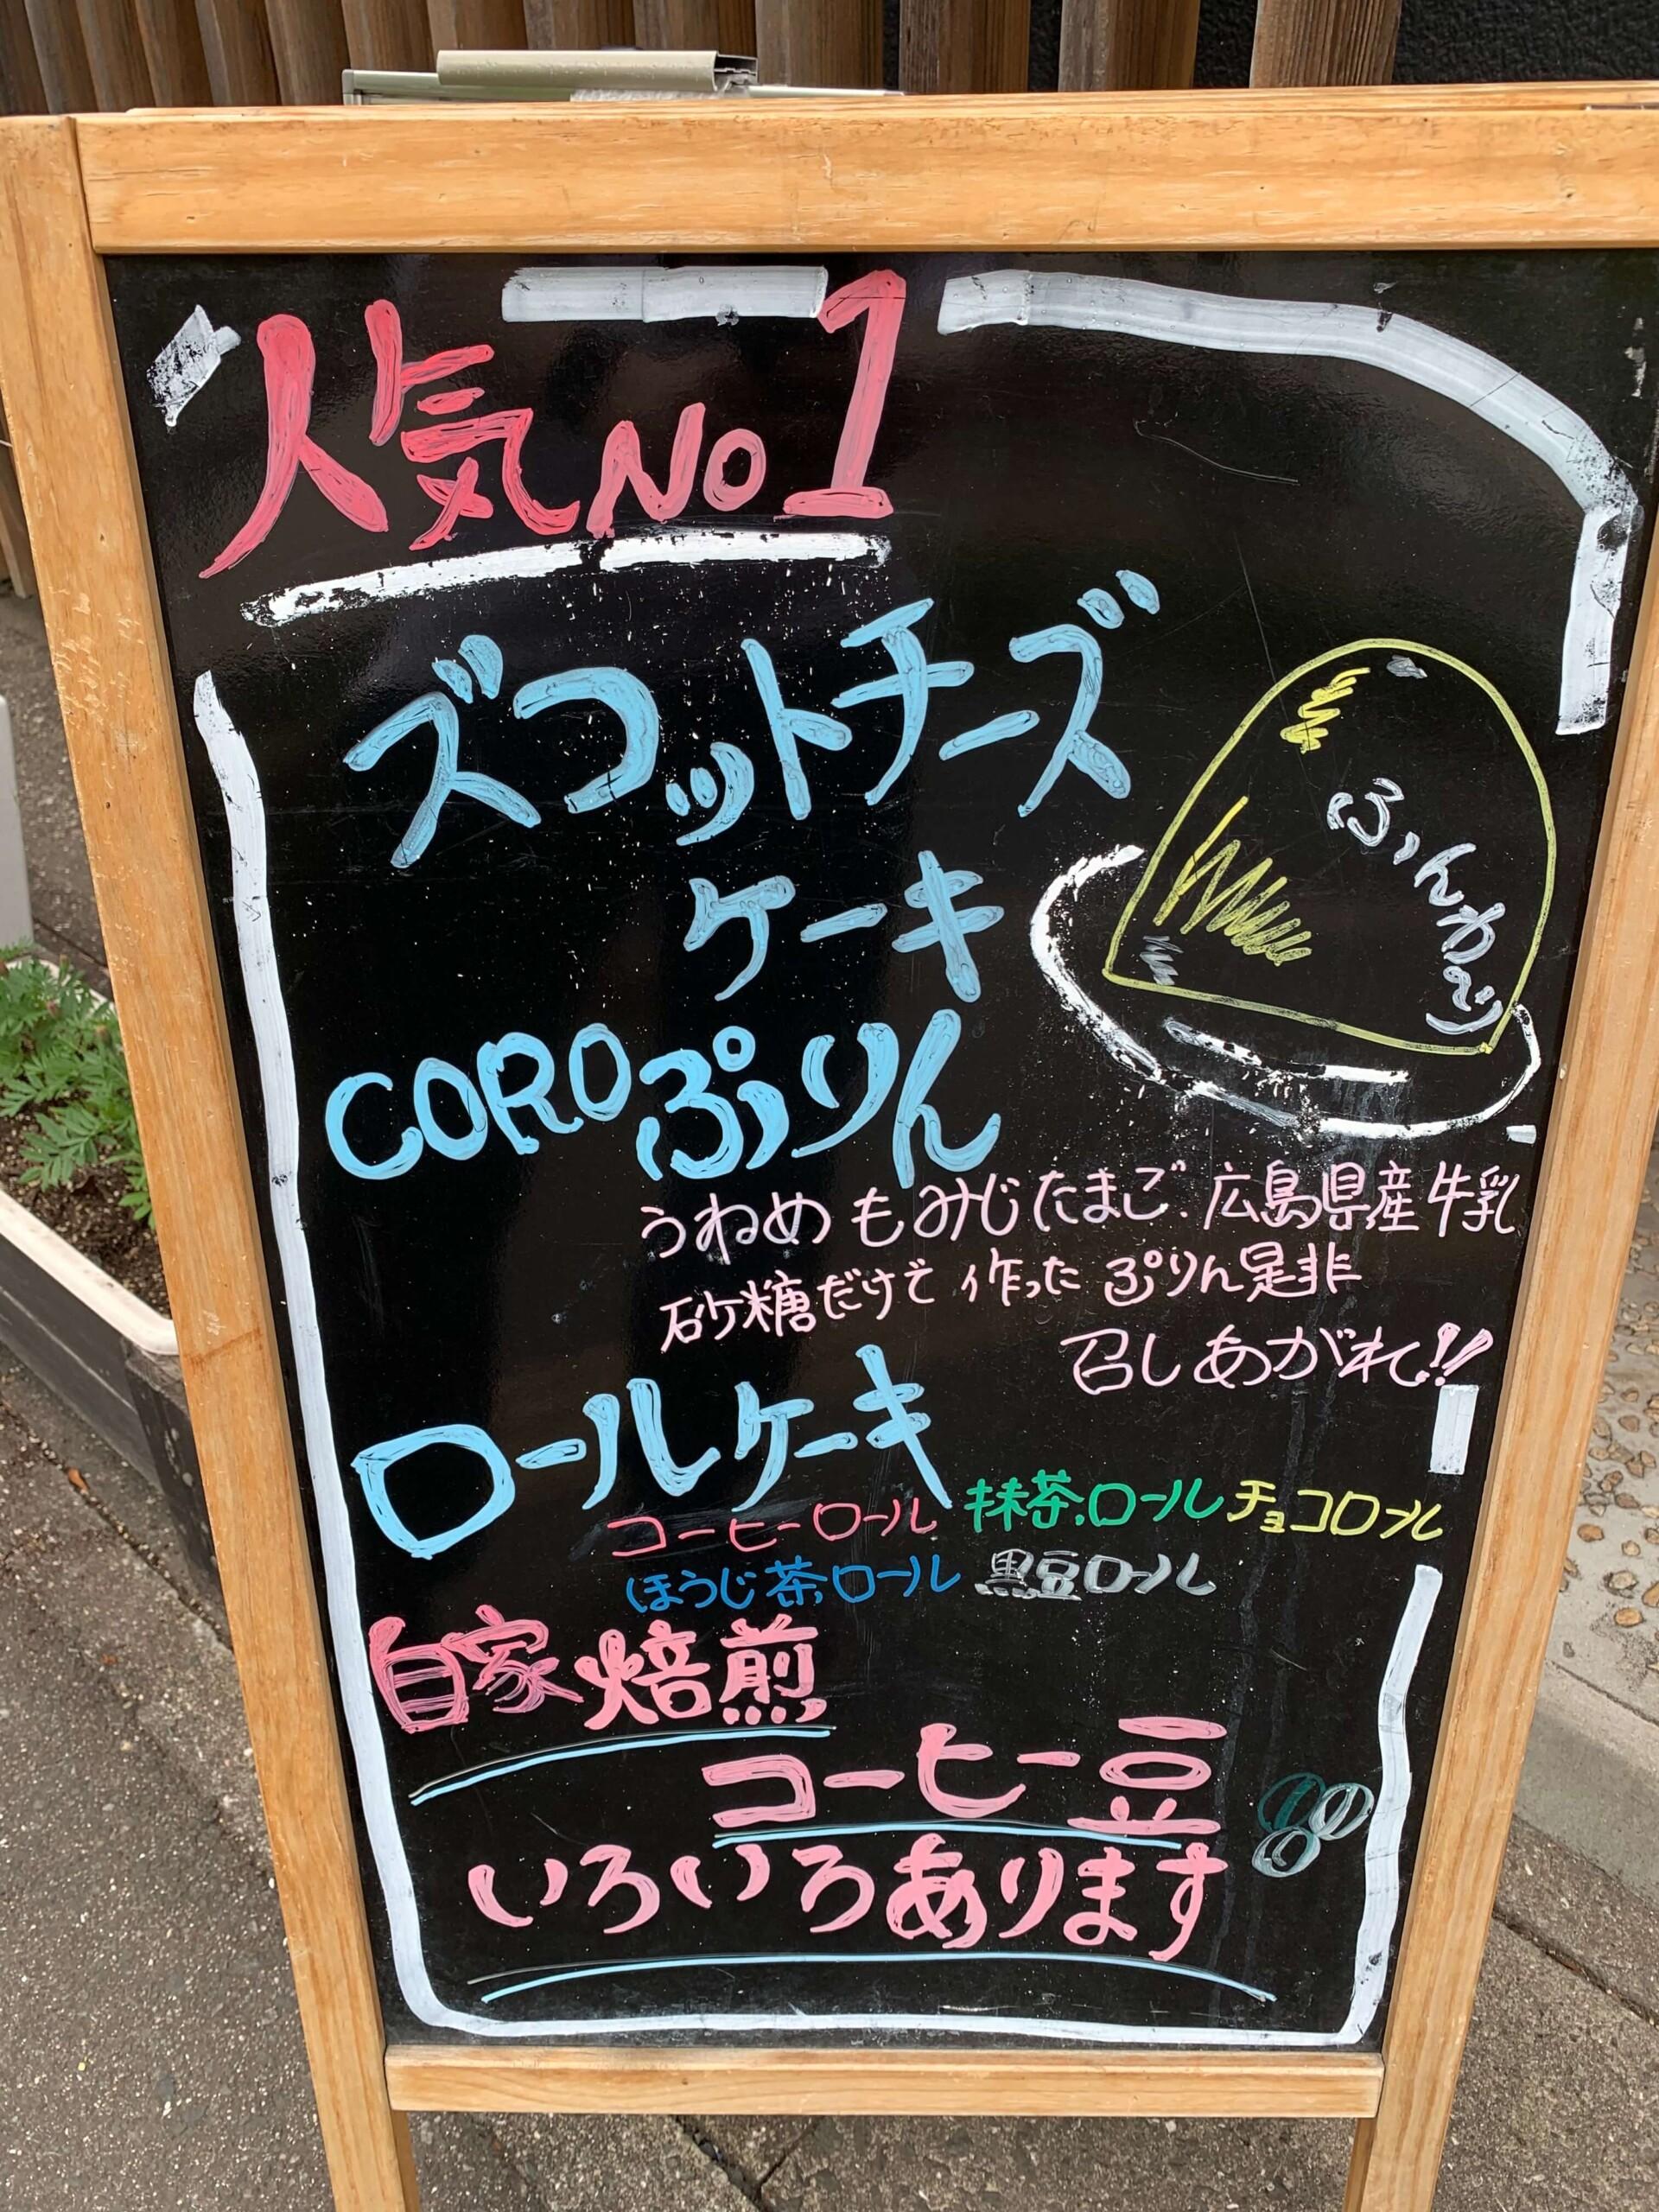 福山コーヒーショップCORO看板02